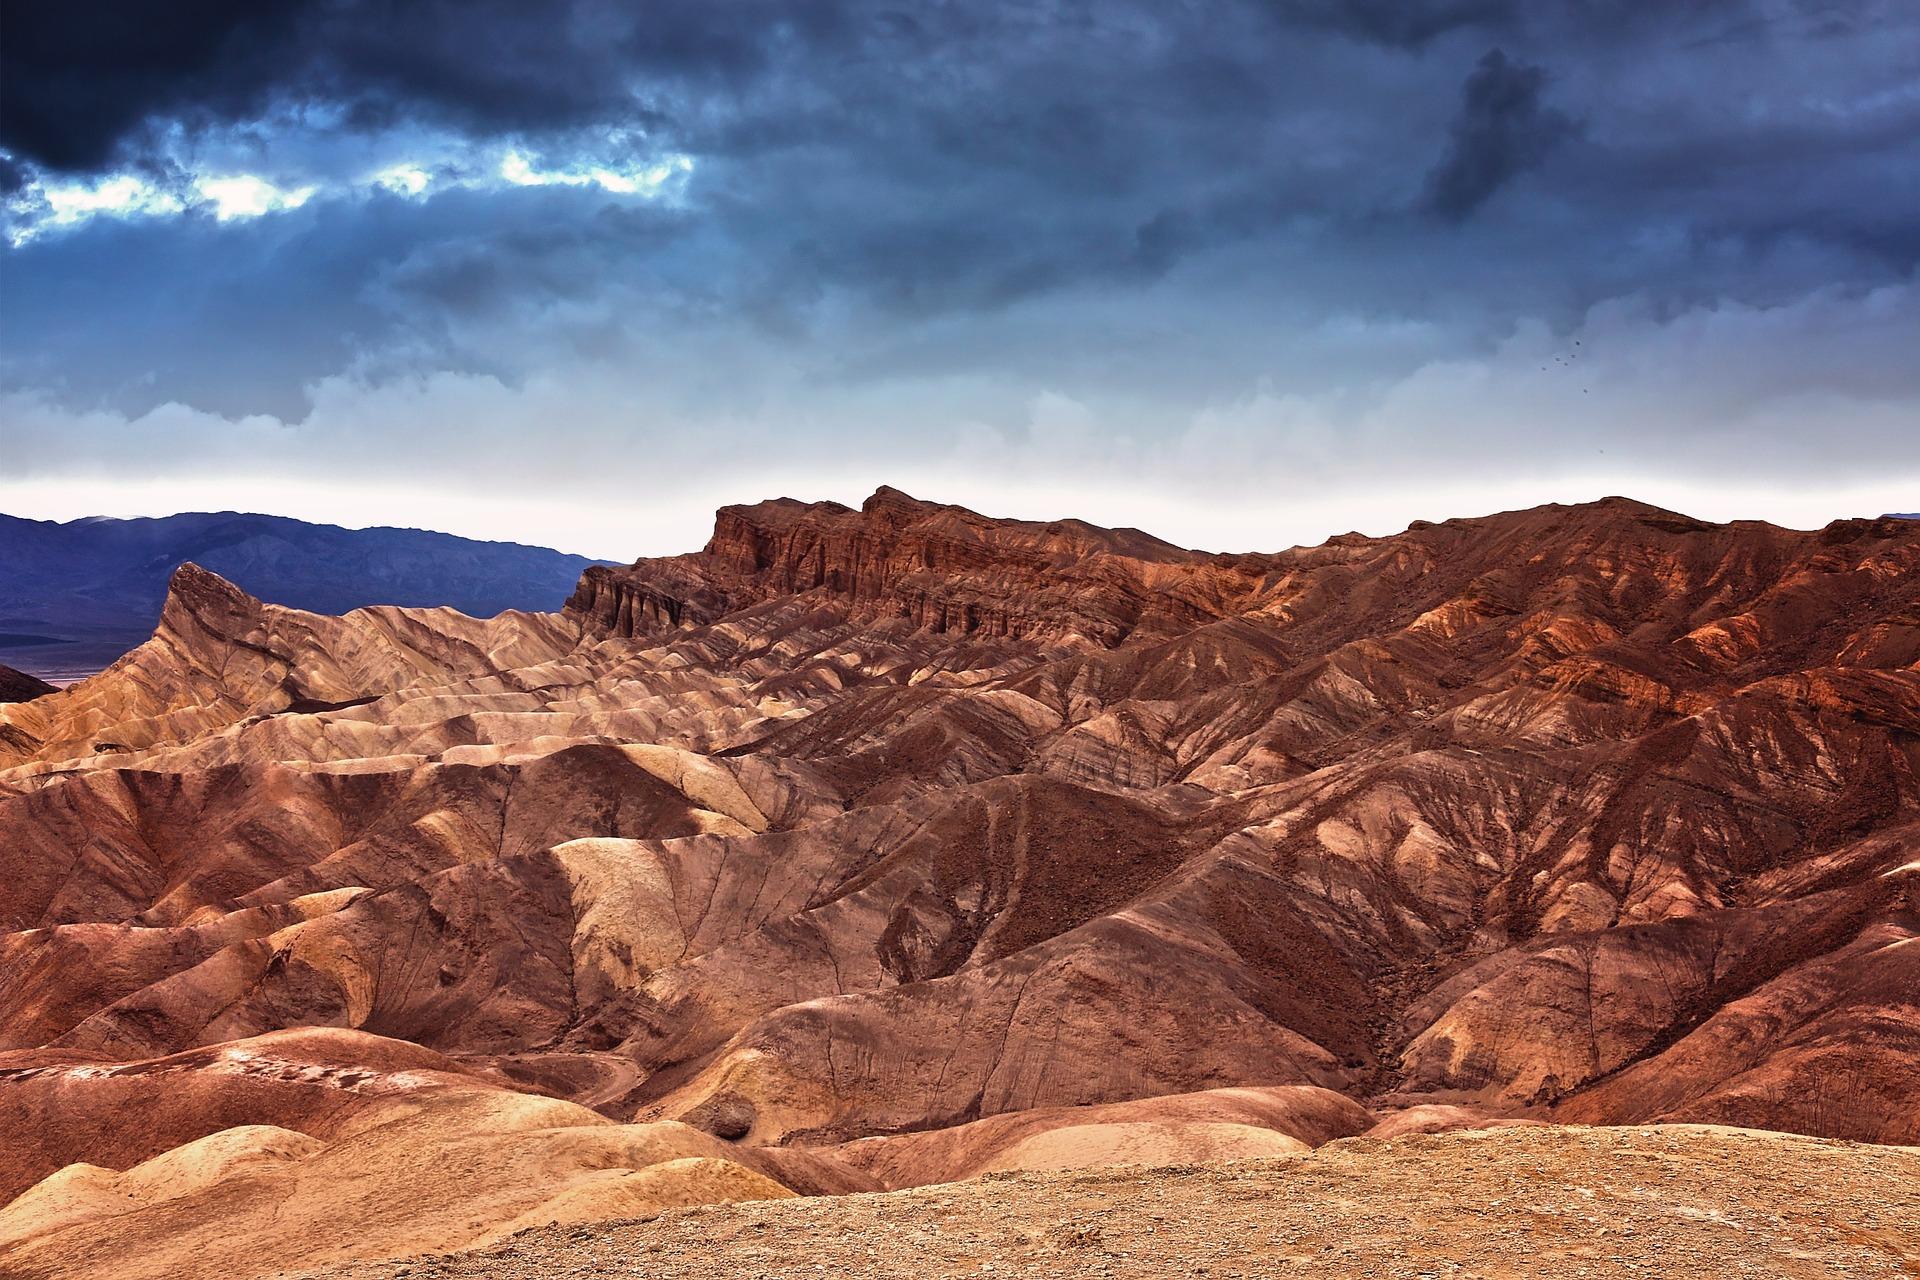 Parque Nacional Valle de la Muerte